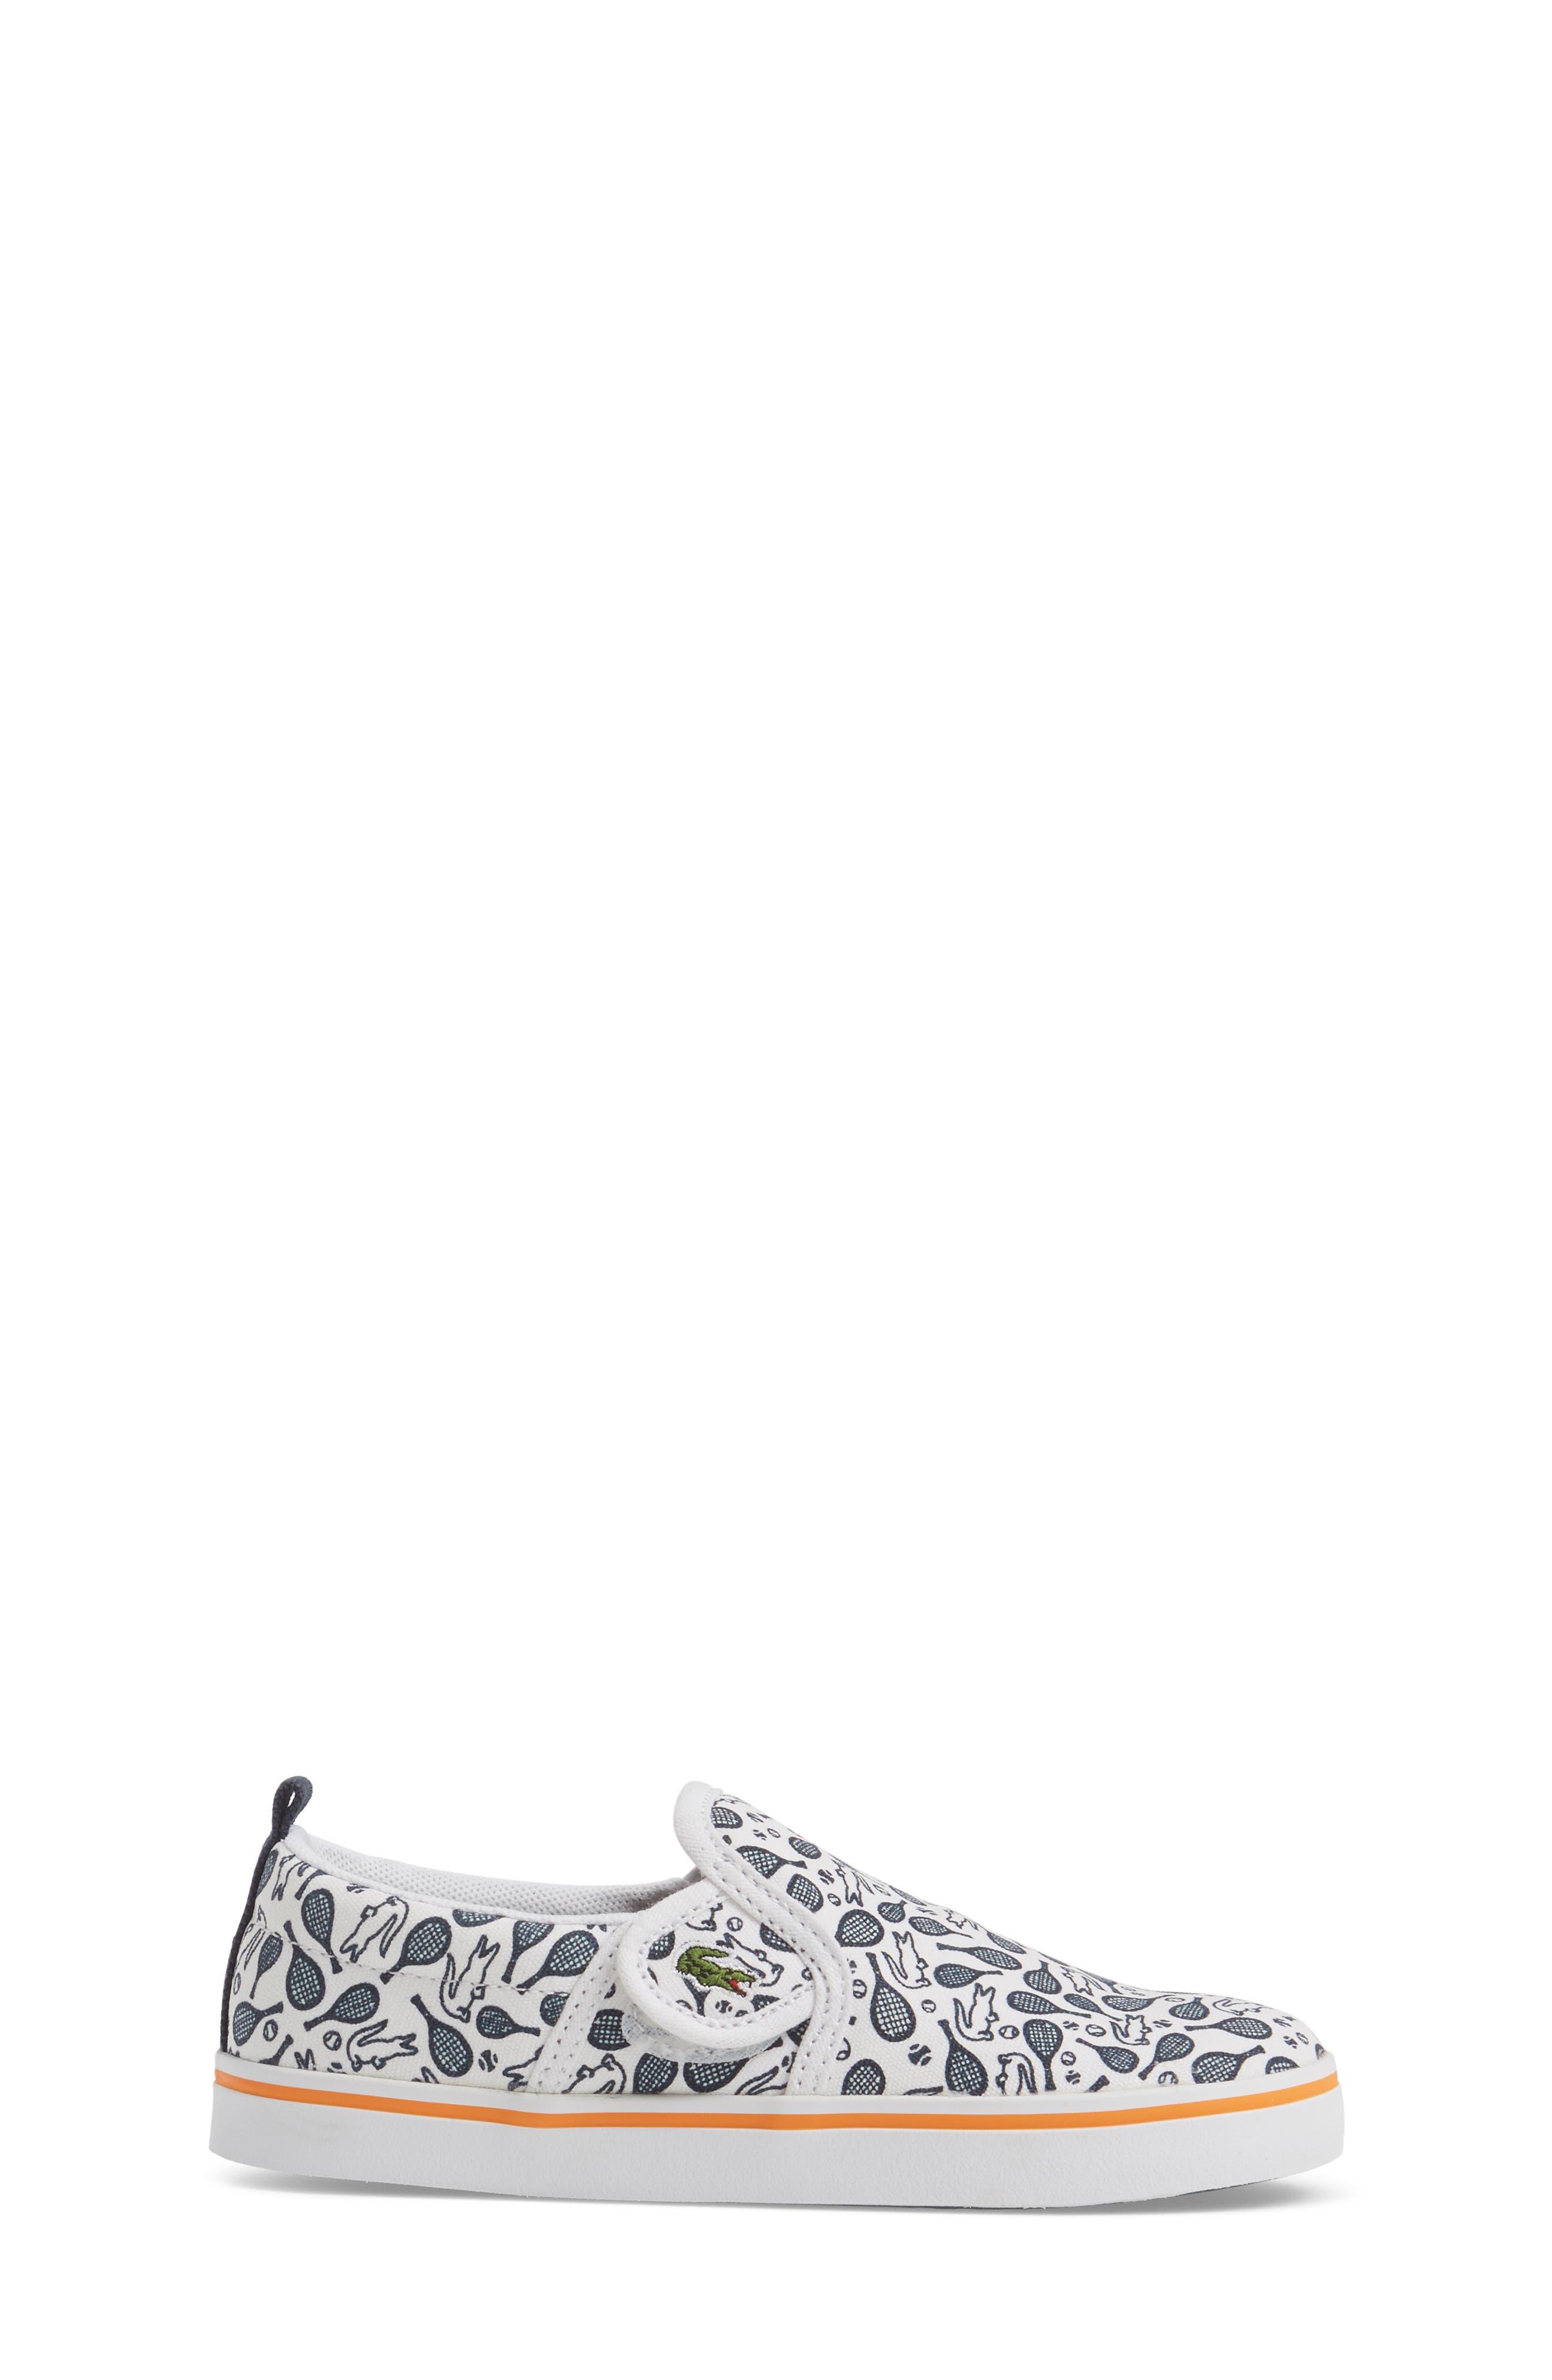 Gazon Slip-On Sneaker,                             Alternate thumbnail 3, color,                             Navy/ White